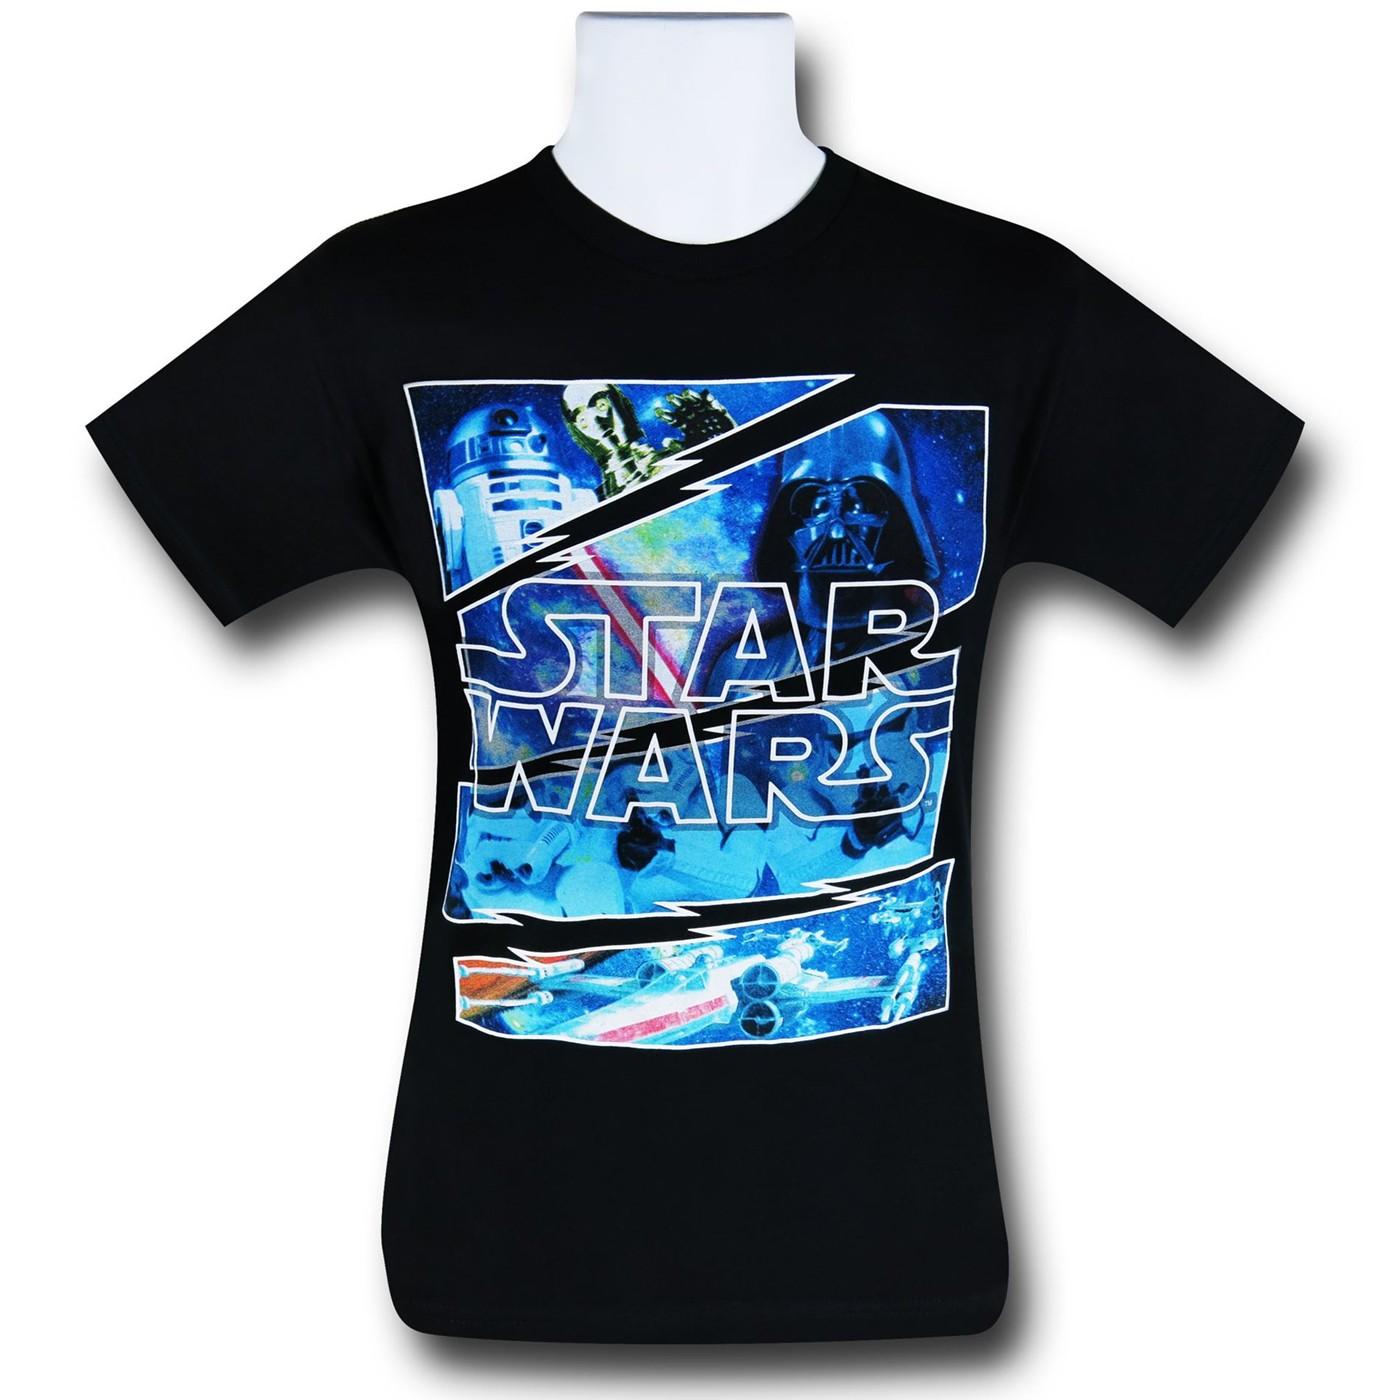 Star Wars Galaxy Quest T-Shirt